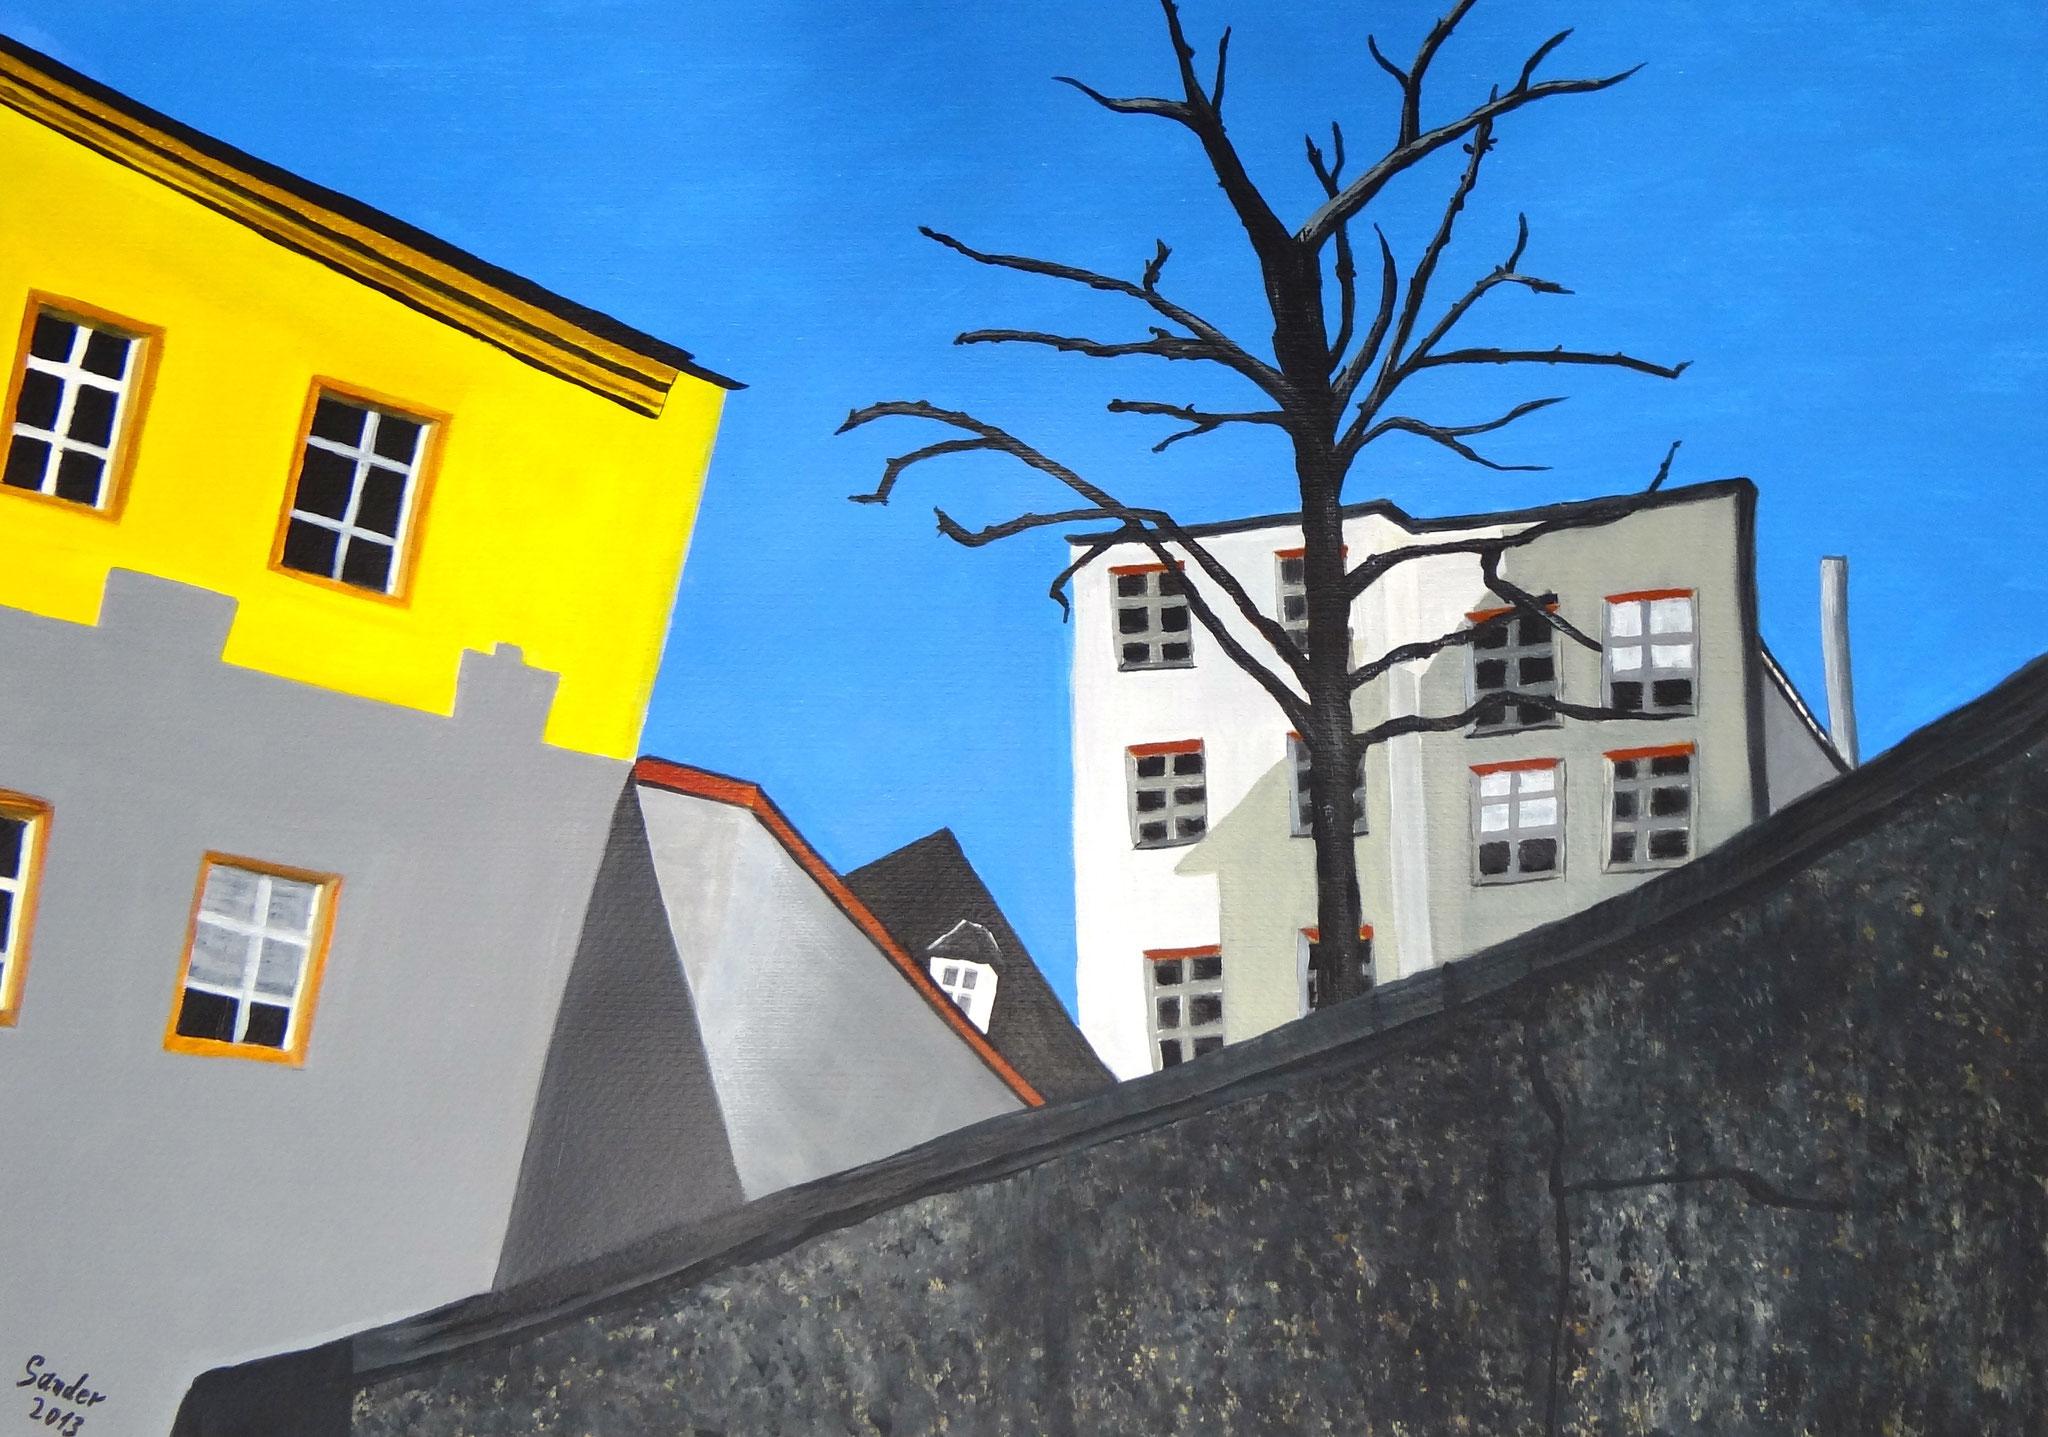 Wintertag in Passau, 70 x 50 cm, Acrylfarben auf Papier, signiert und datiert 2013